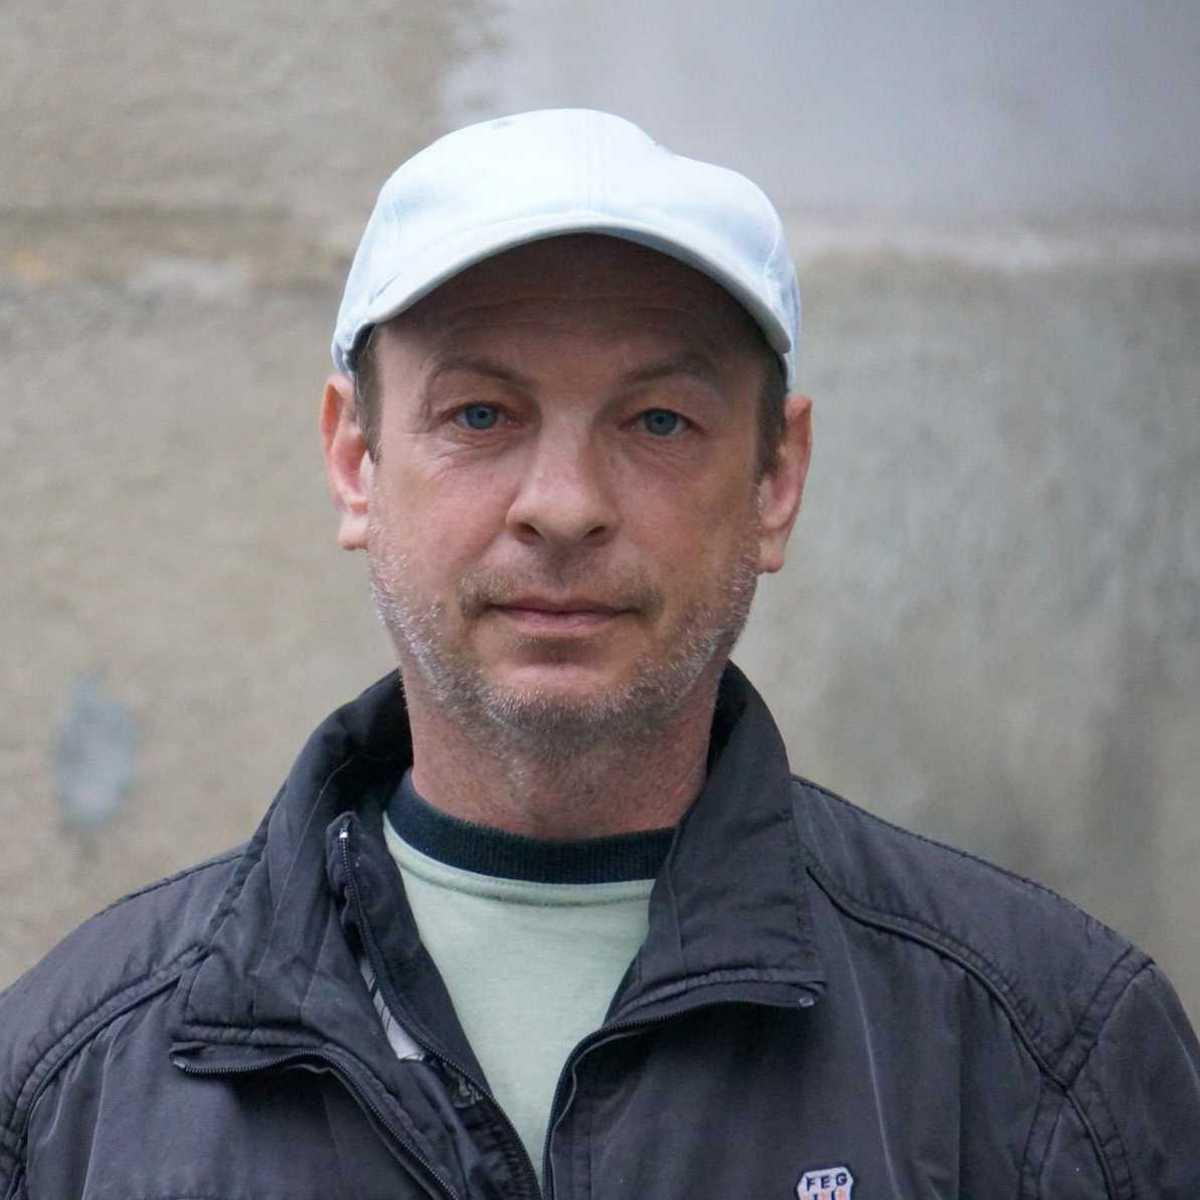 Pyccy J. arbeitet seit fünf Jahren als Bauarbeiter in Russland.